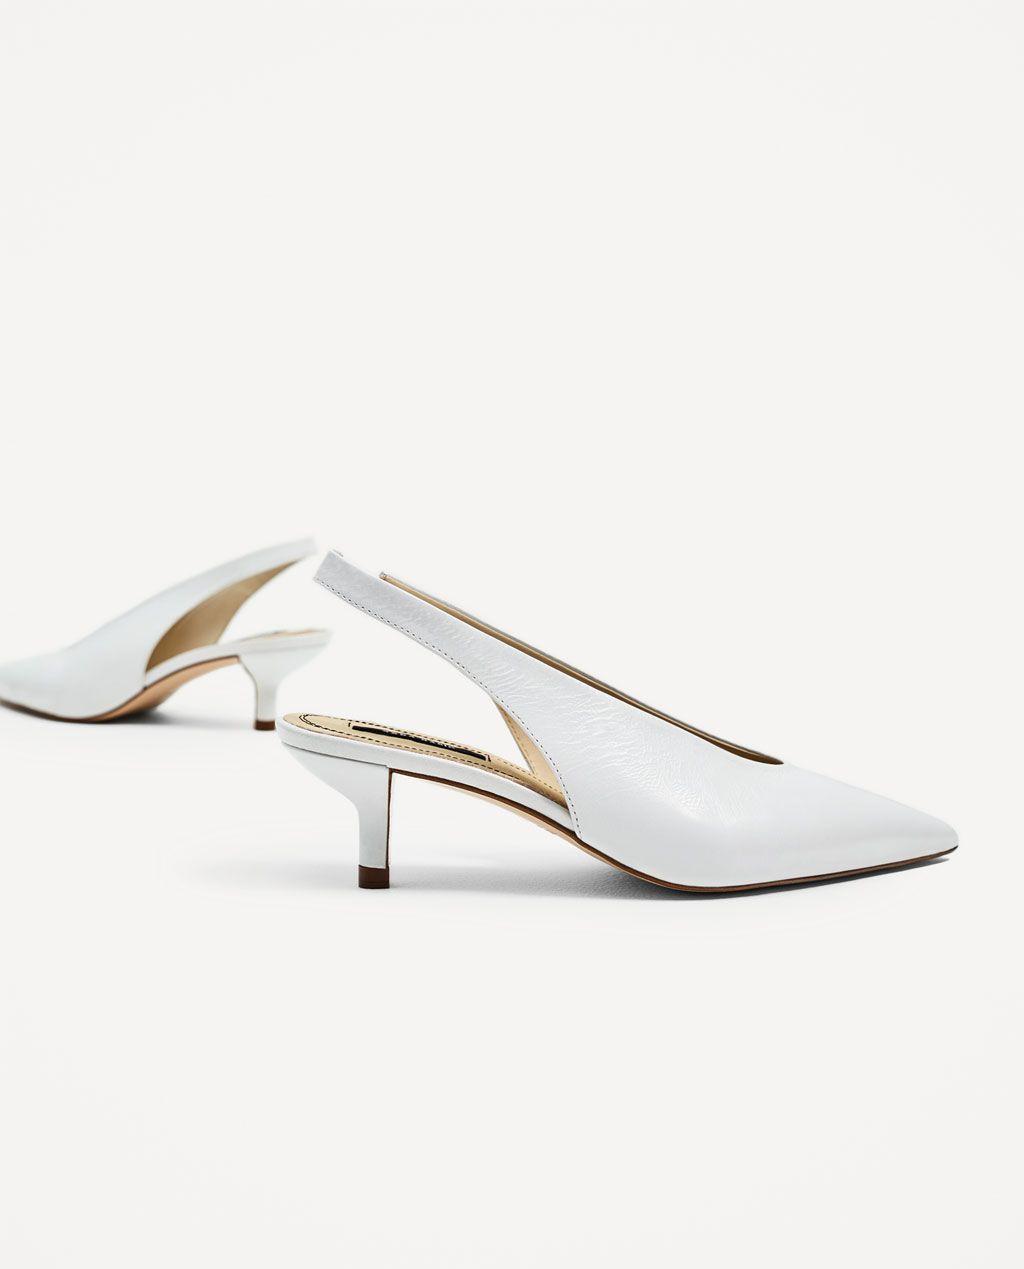 aa3feee8 SALÓN PIEL DESTALONADO   Calzado mujer   Zapatos, Zapatos mujer y ...